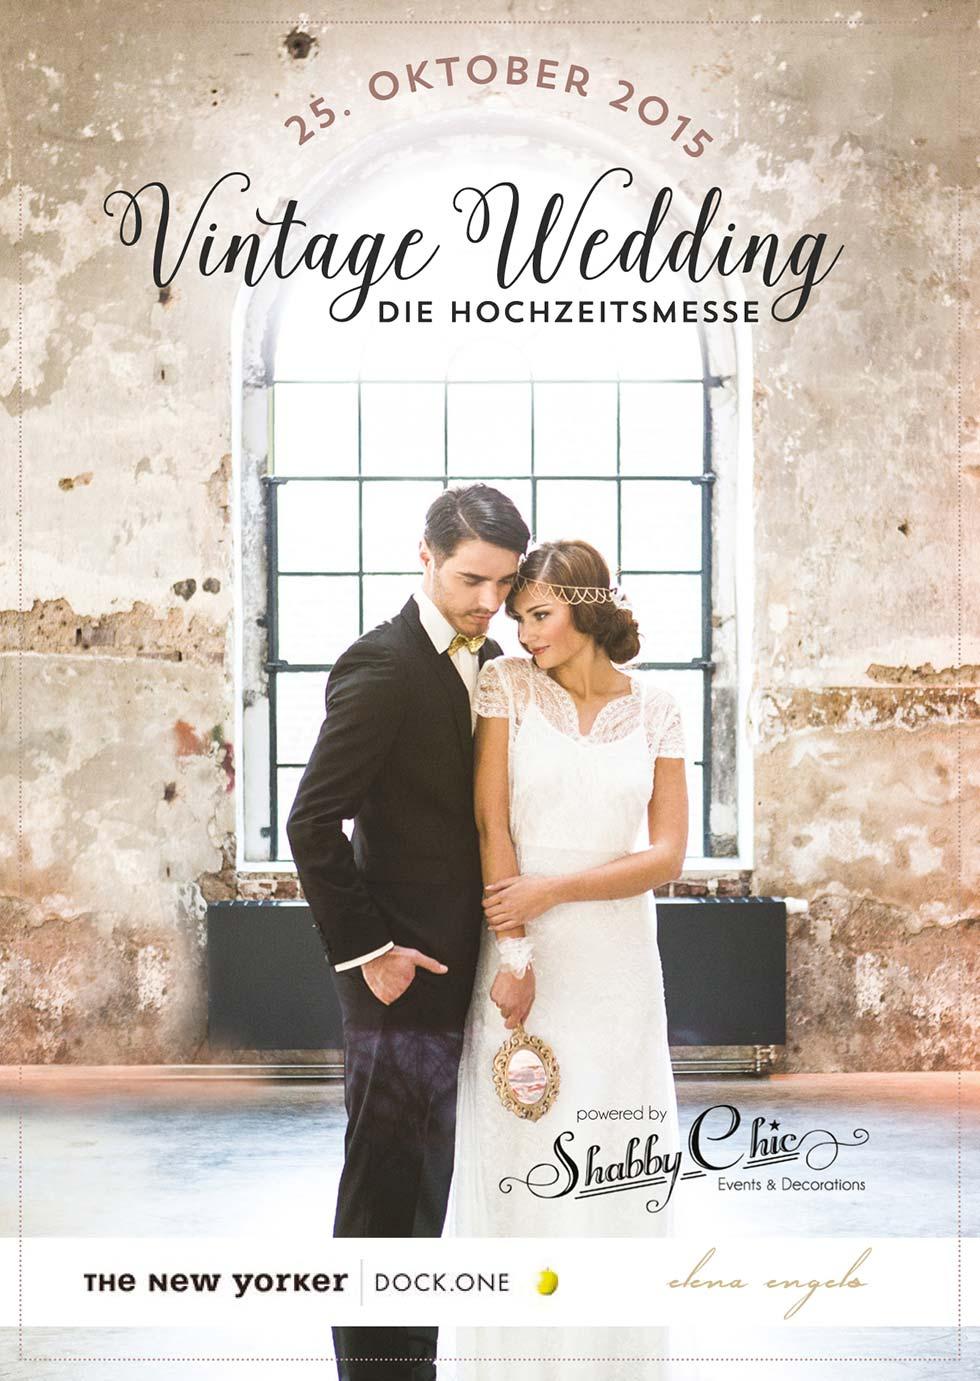 Vintage Wedding die Hochzeitsmesse in Köln